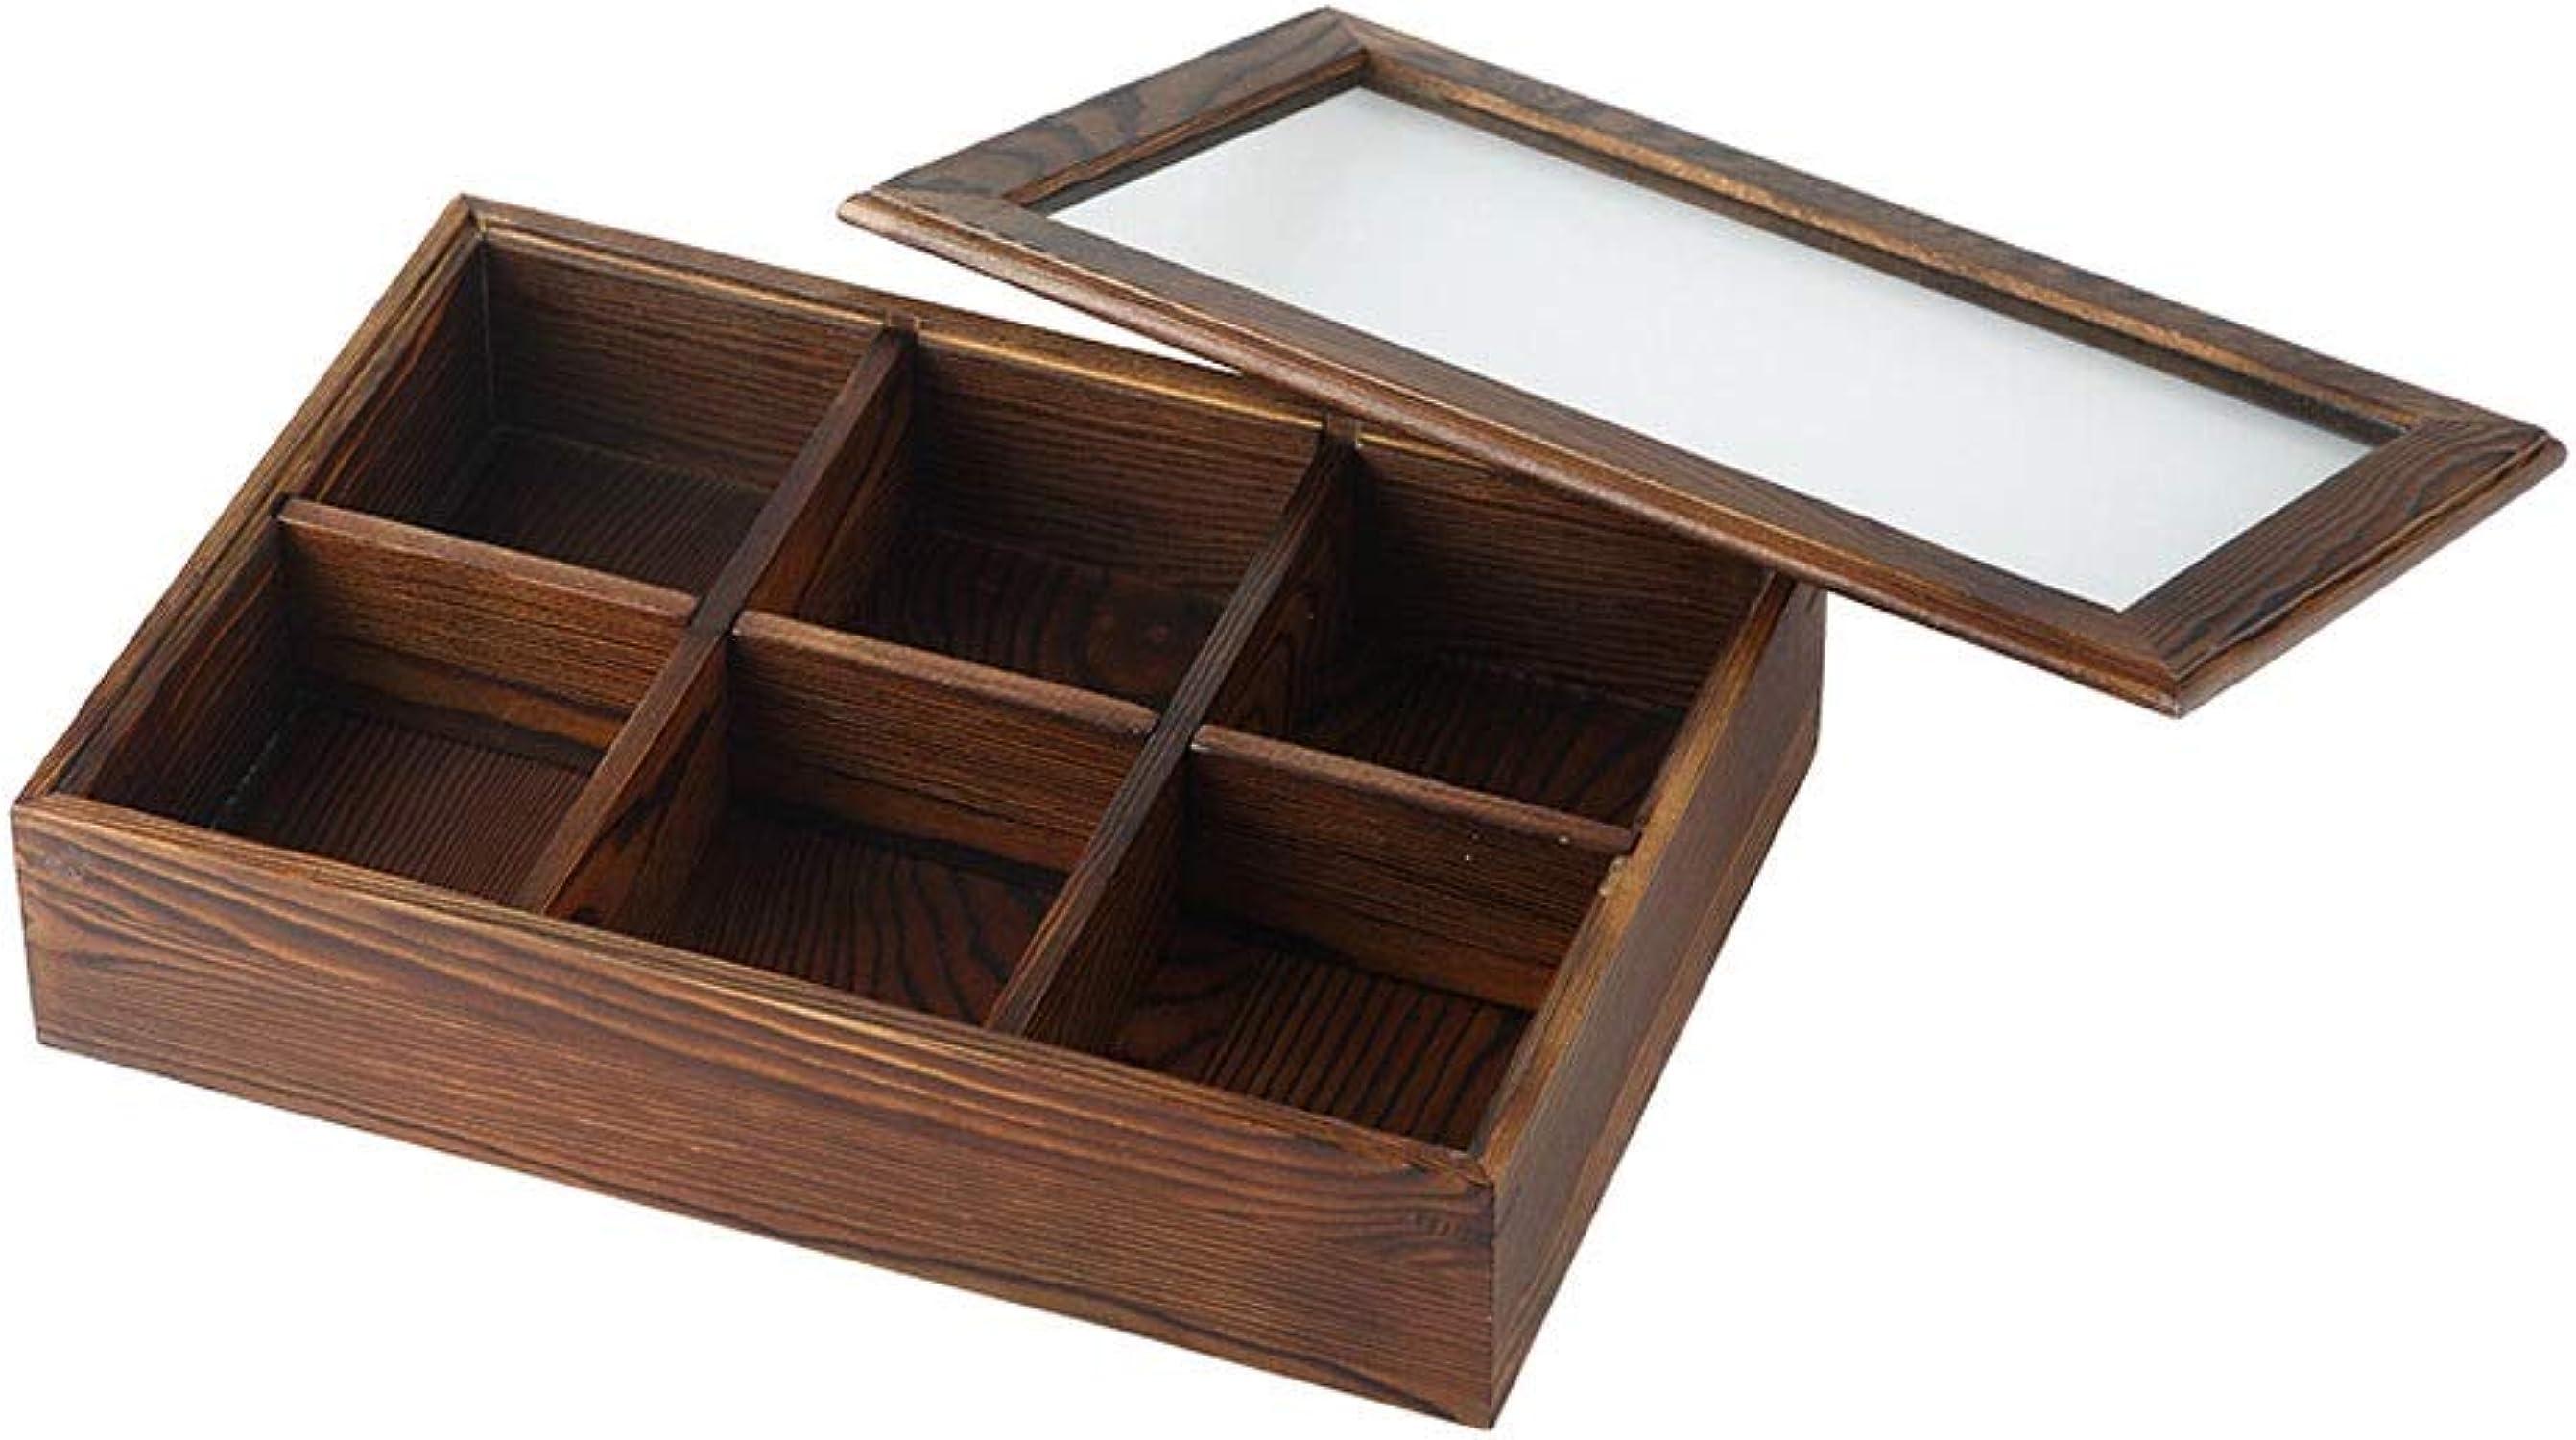 Boîte de bonbons en bois massif divisés, plateau en bois pour fruits secs créatif, plateau de salon avec table basse de style japonais (Couleur   A)